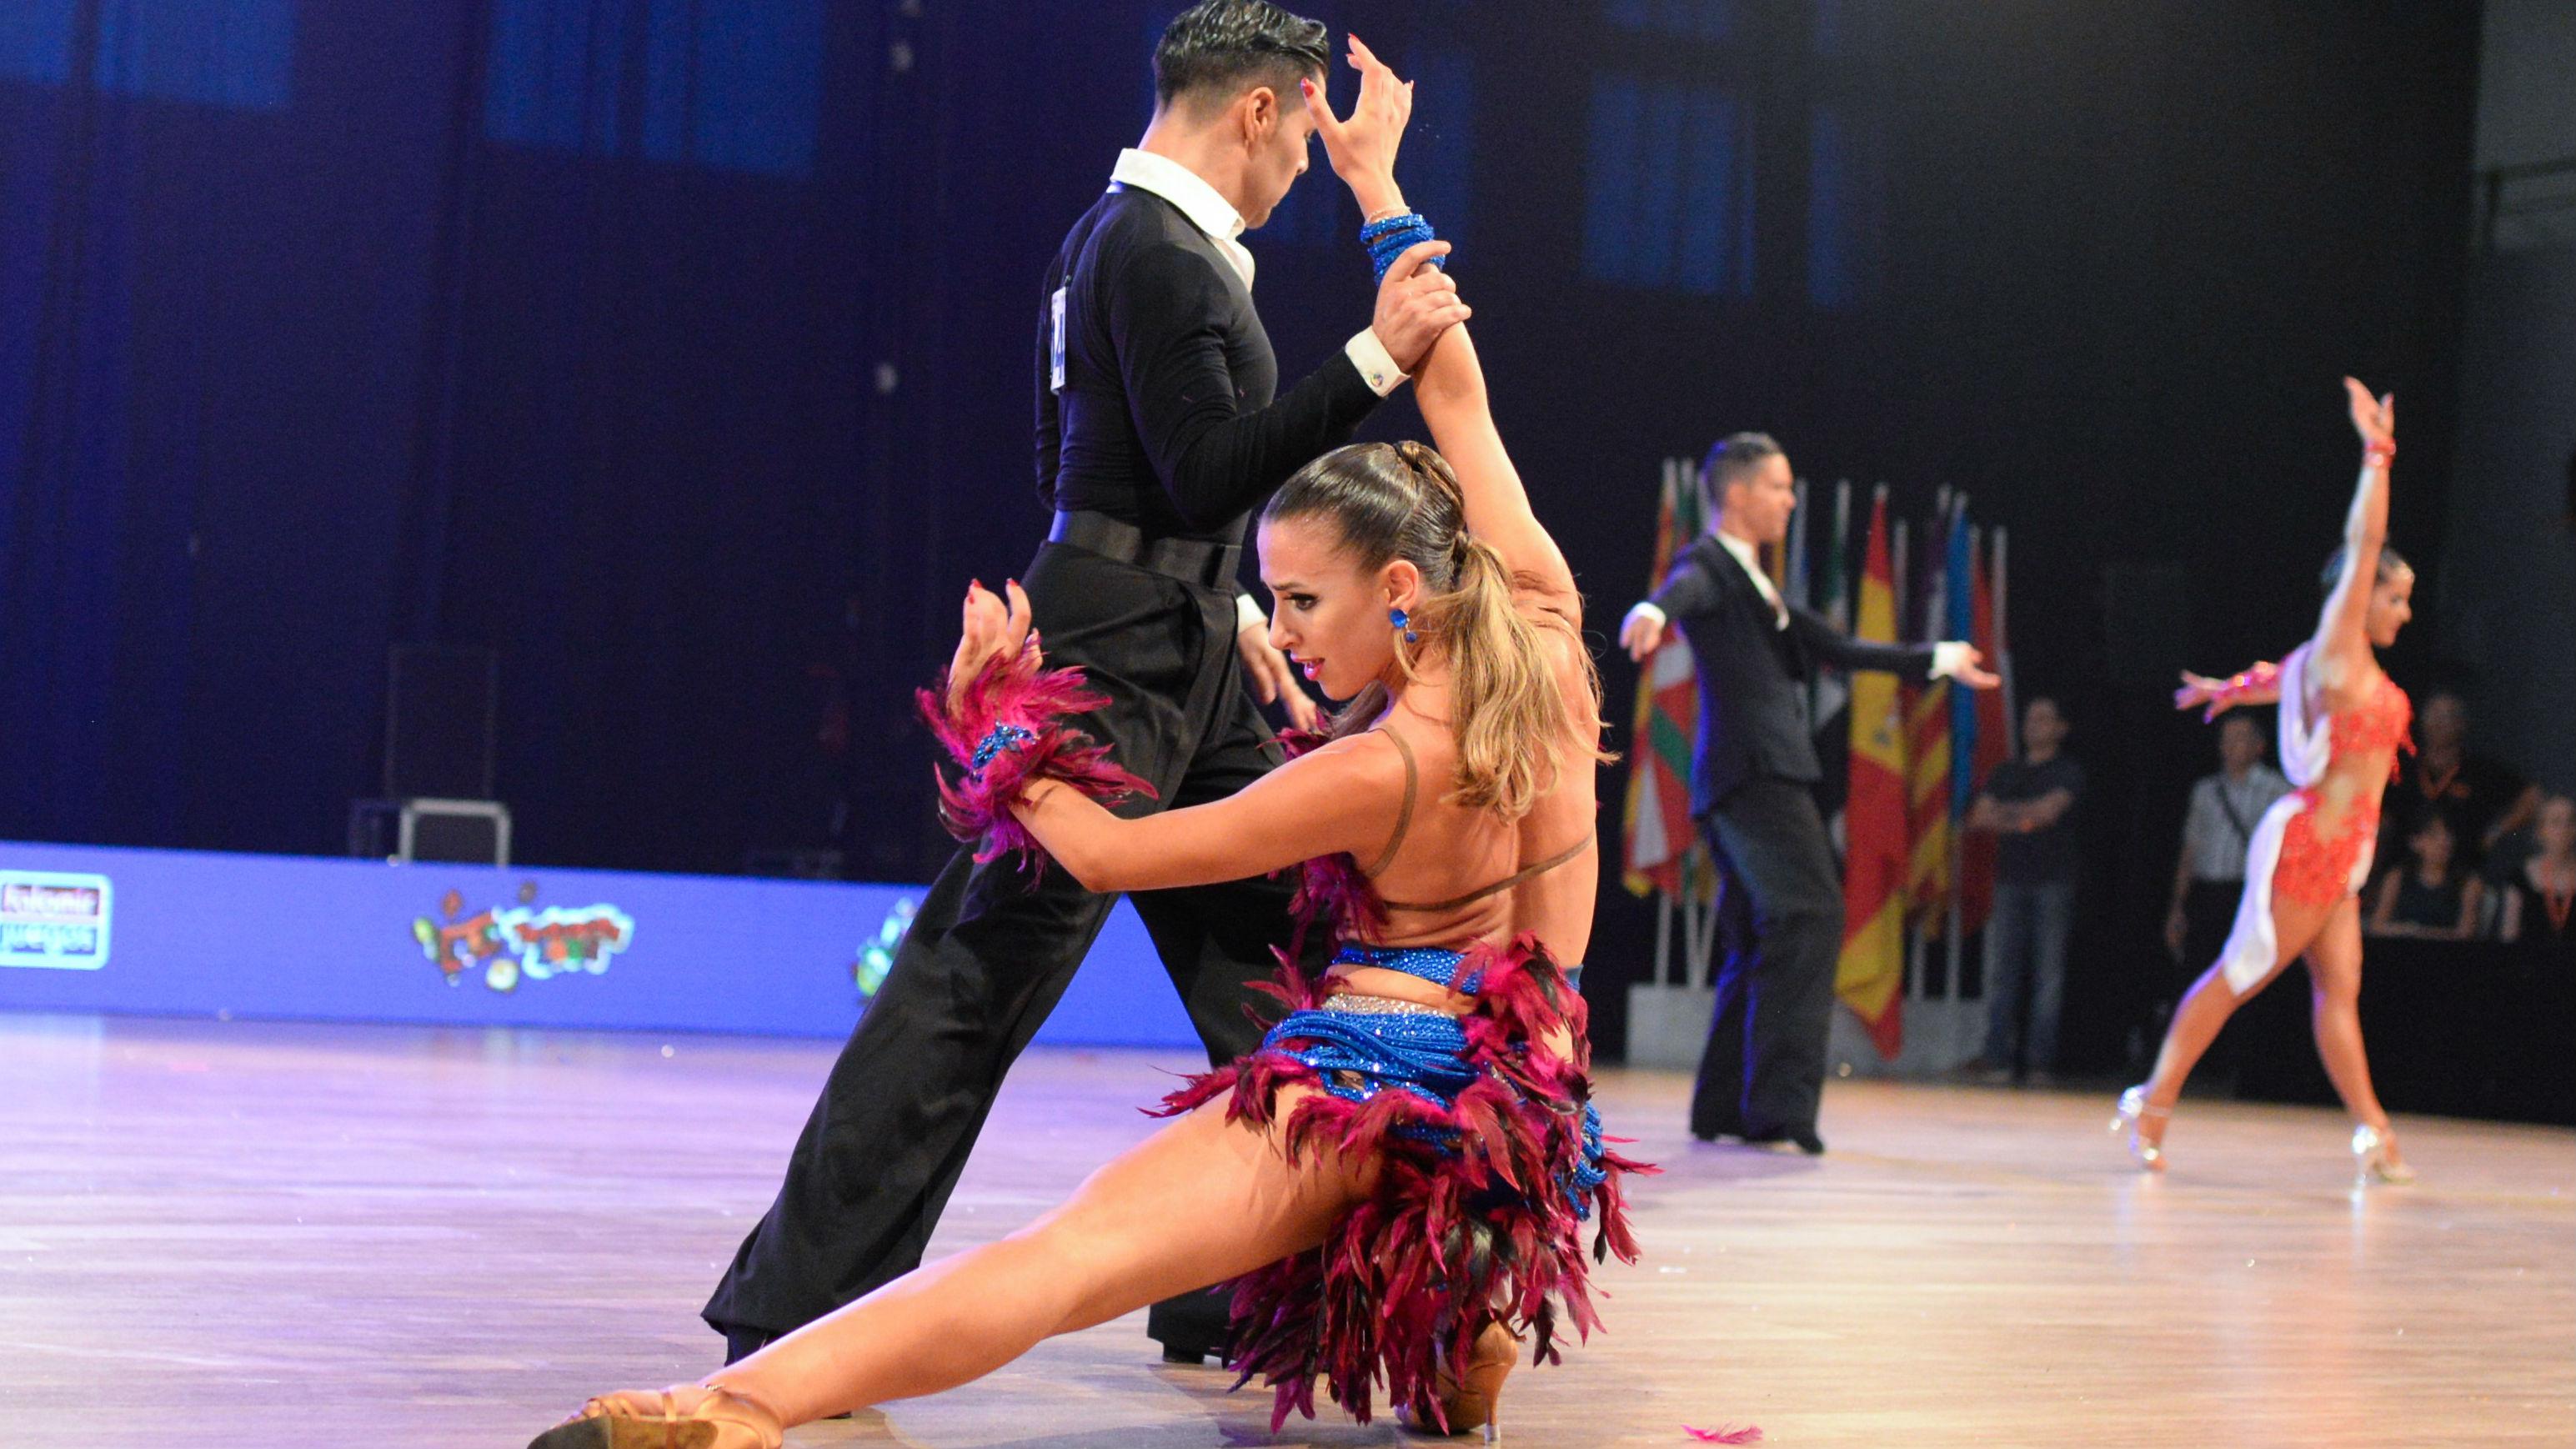 f6bb2986f16 Baile deportivo   Los mejores momentos del Campeonato de España de Baile  Latino 2017 - RTVE.es